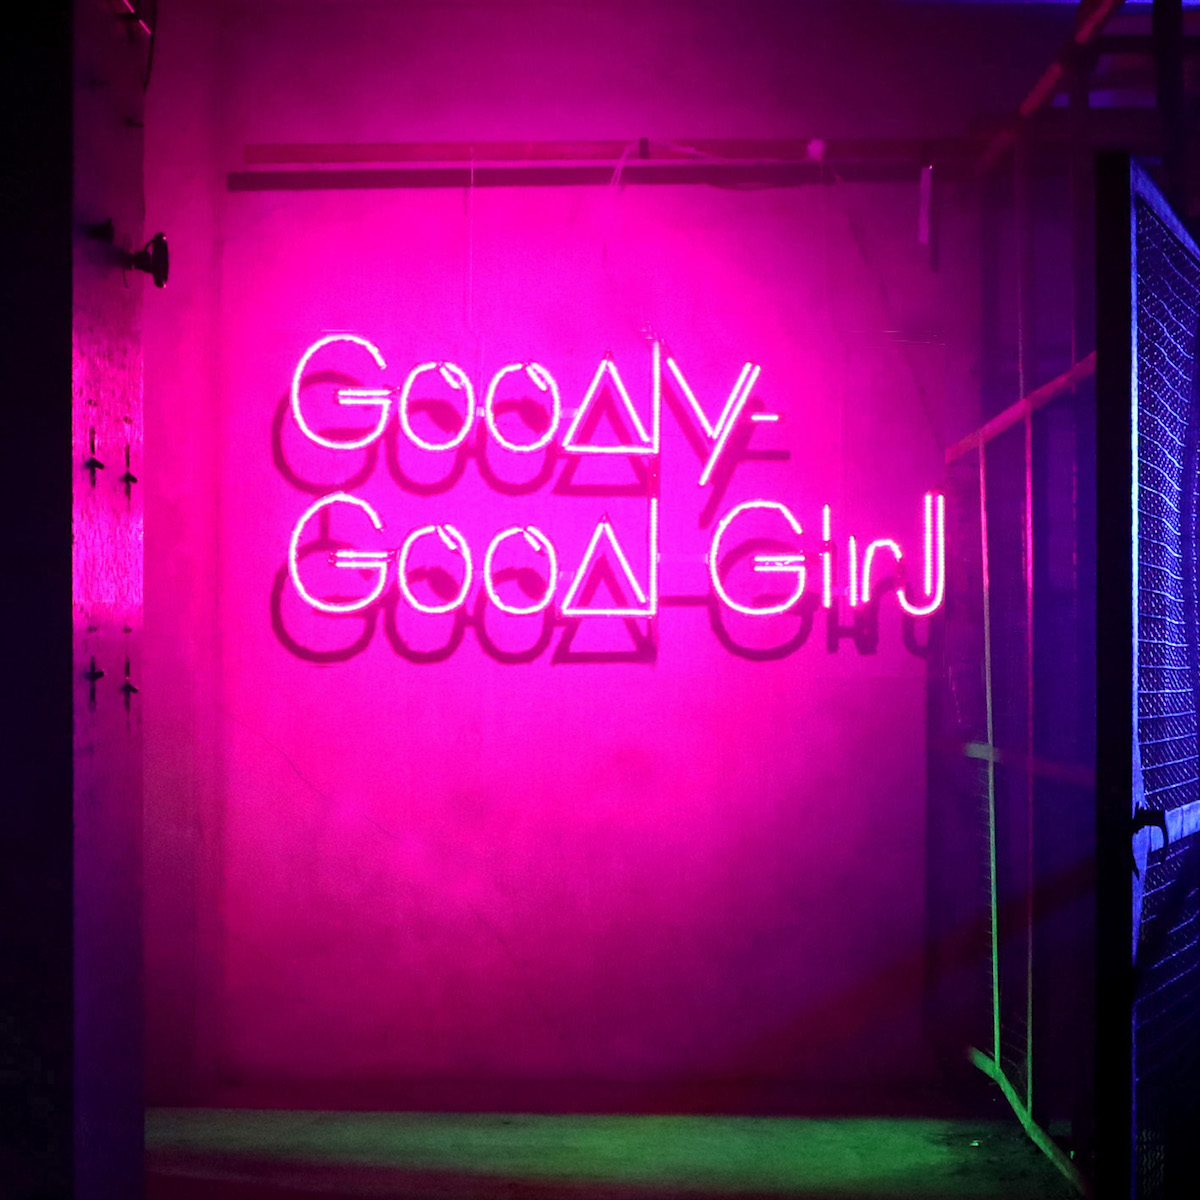 與真司郎ソロプロジェクト、SHINJIRO ATAE (from AAA)「Goody-Good Girl」のMusic VideoがYouTubeで公開!クールでセクシーな表情に注目サムネイル画像